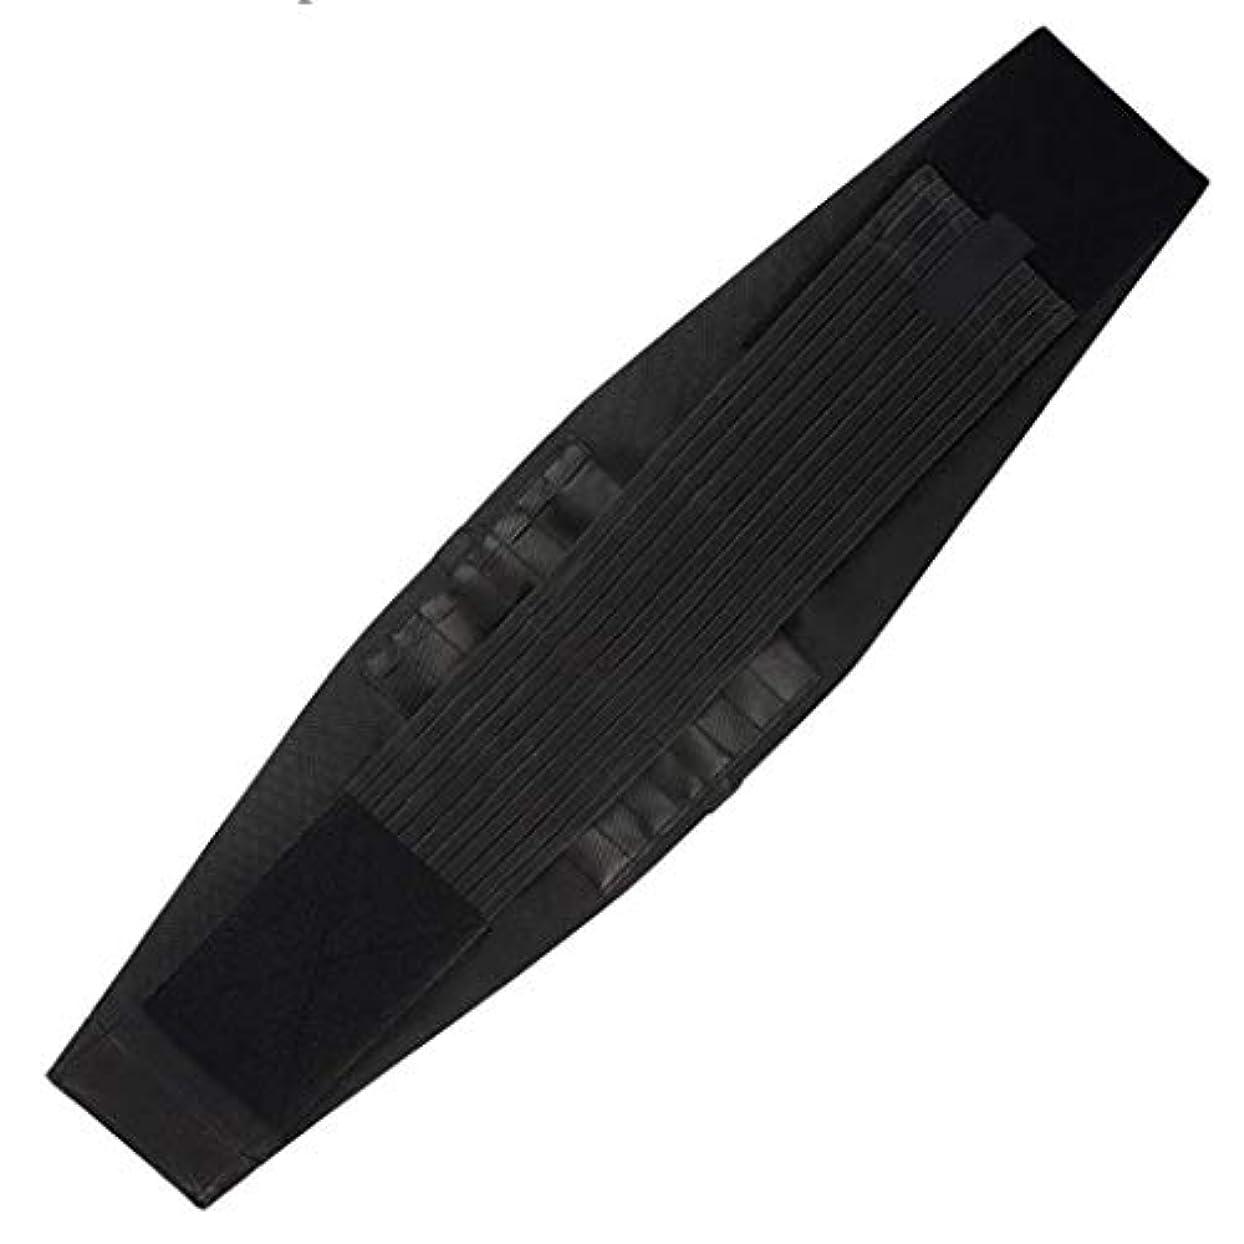 広々横に除外するウエストマッサージャー、エクササイズバックサポートベルト、痛み/圧力を和らげる